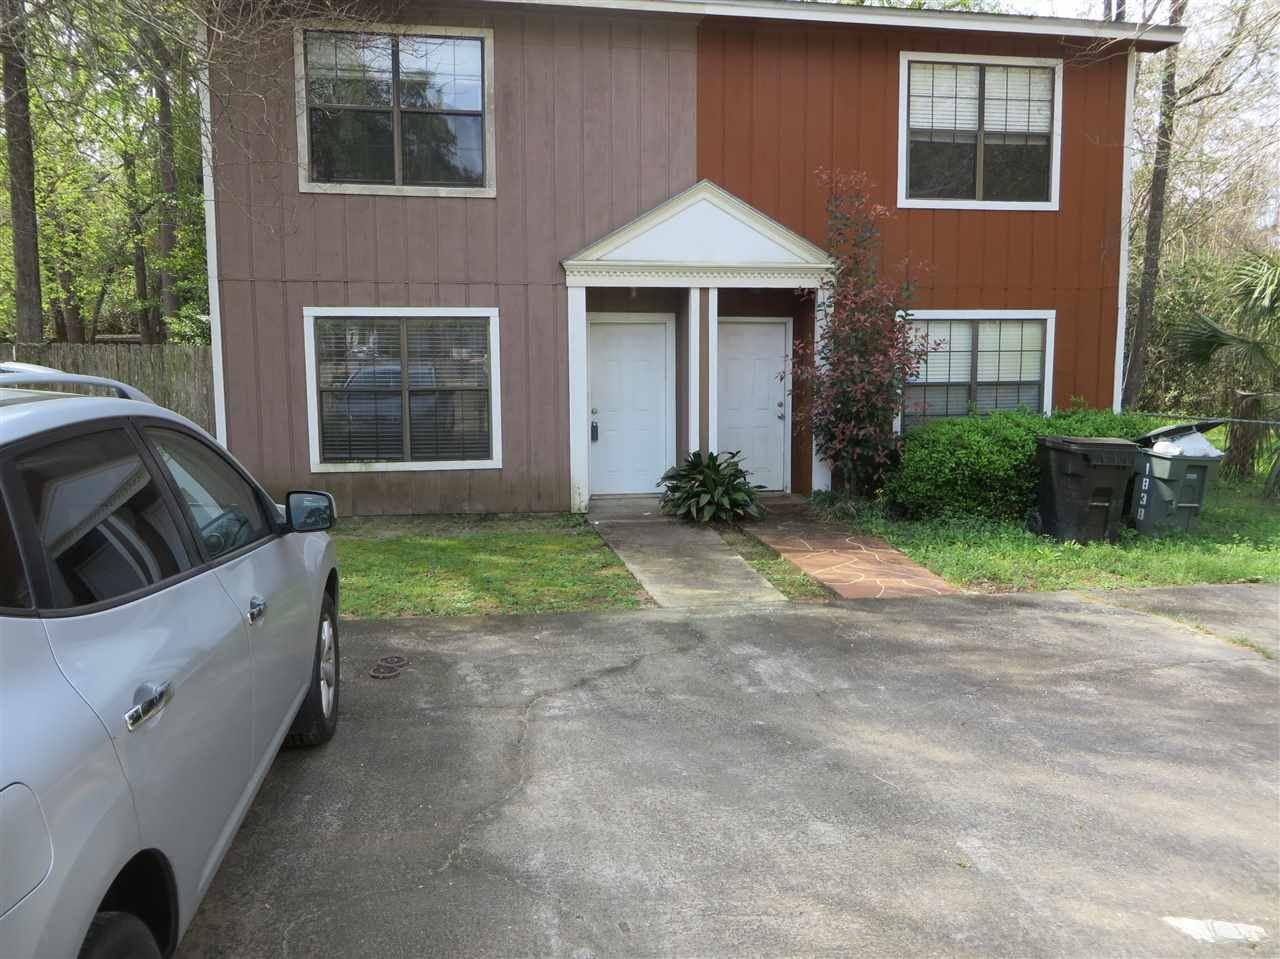 1836 Meriadoc Court, Tallahassee, FL 32303 - MLS#: 329790